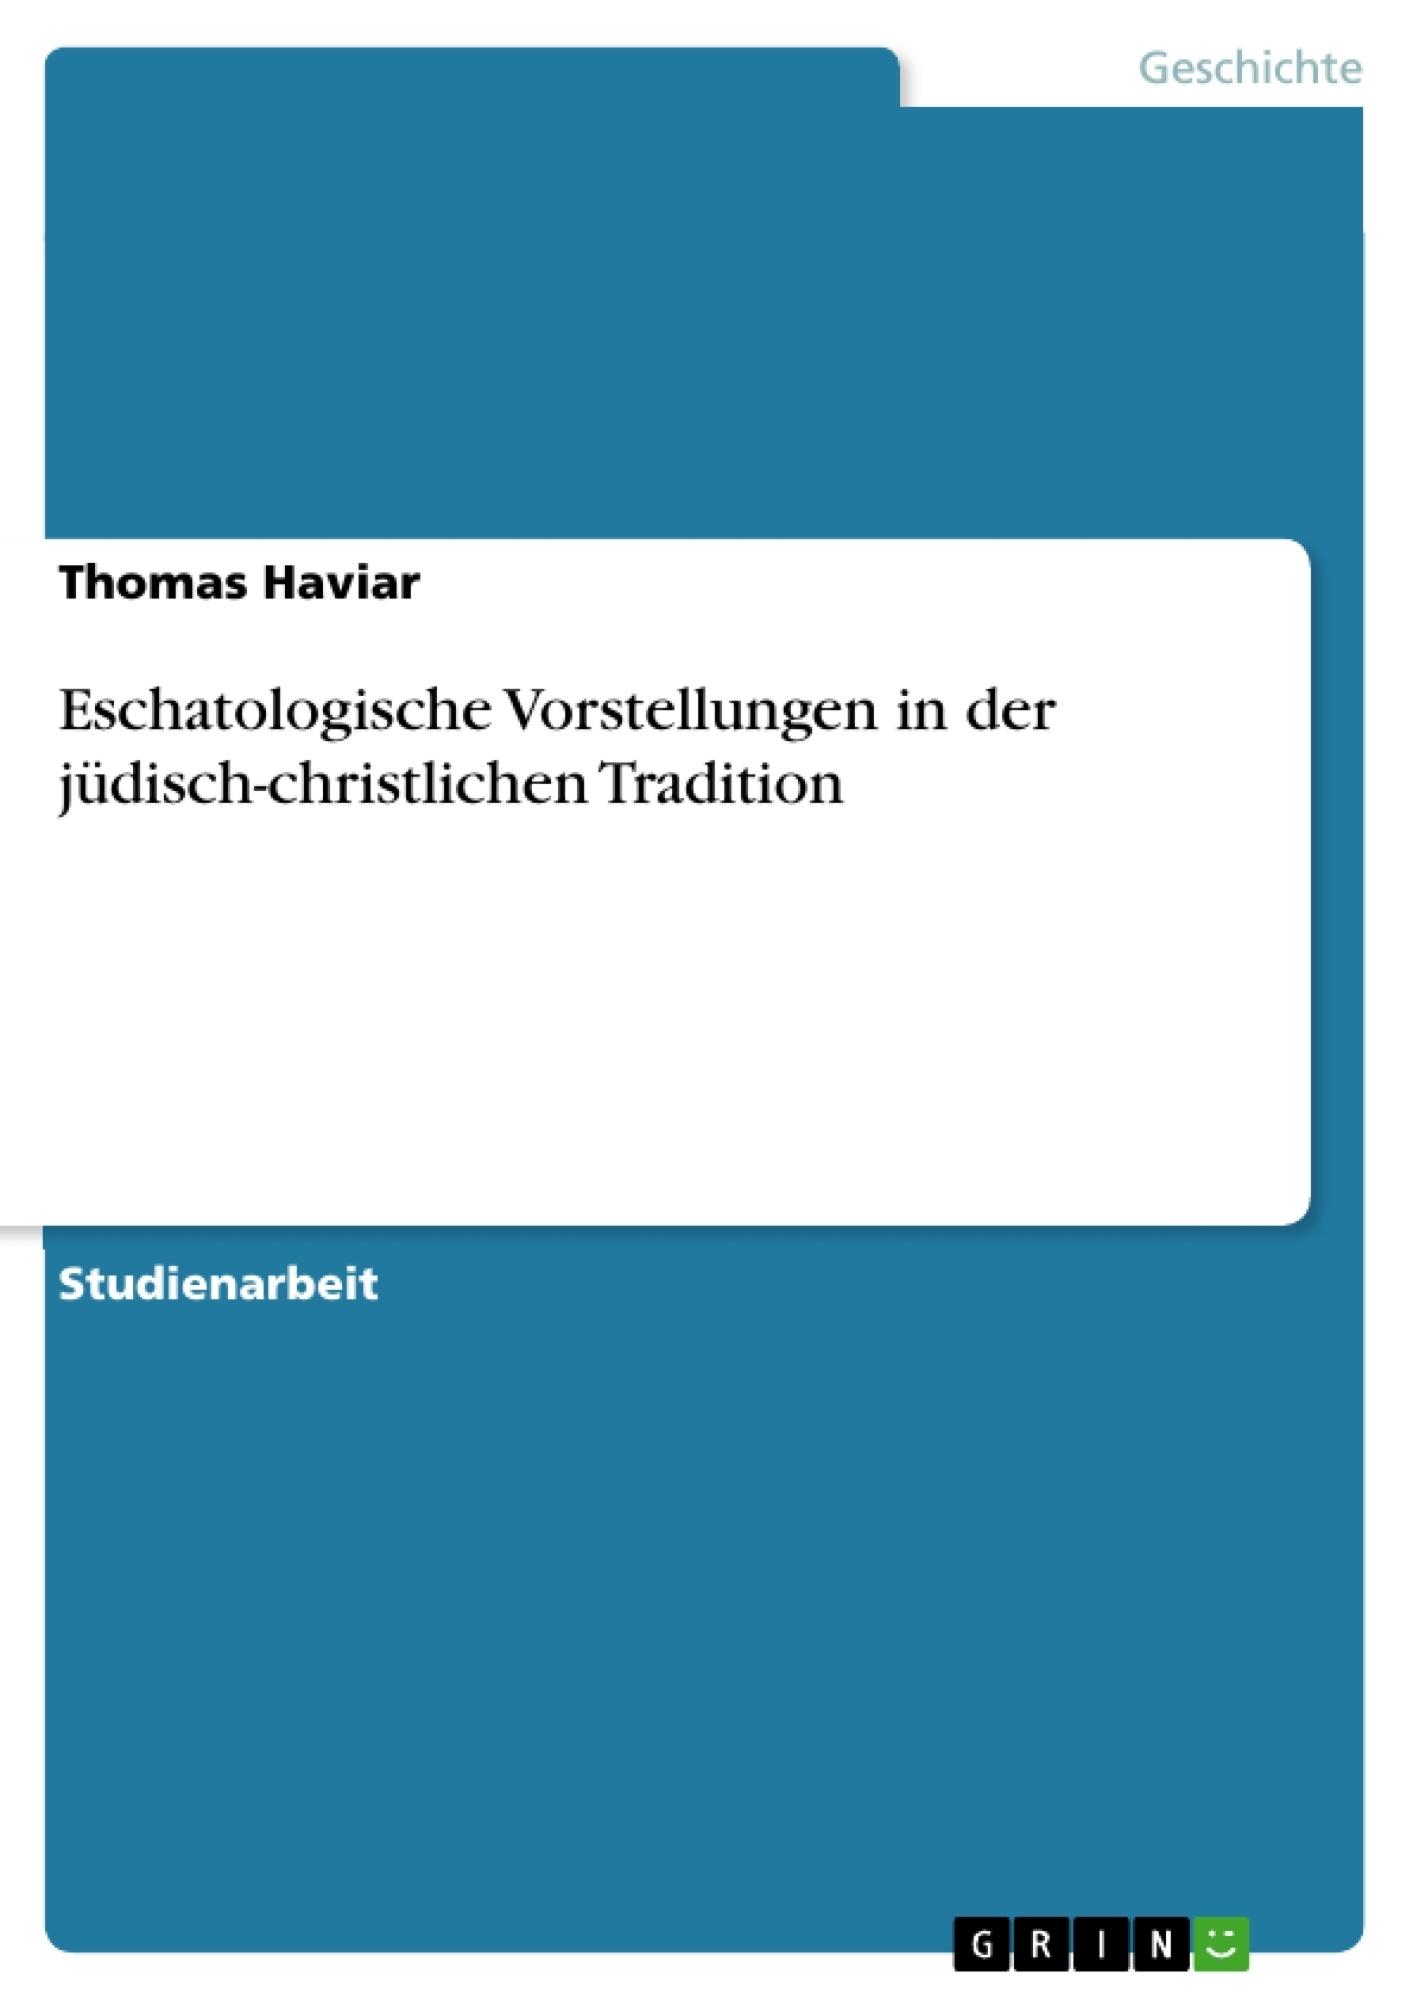 Titel: Eschatologische Vorstellungen in der jüdisch-christlichen Tradition